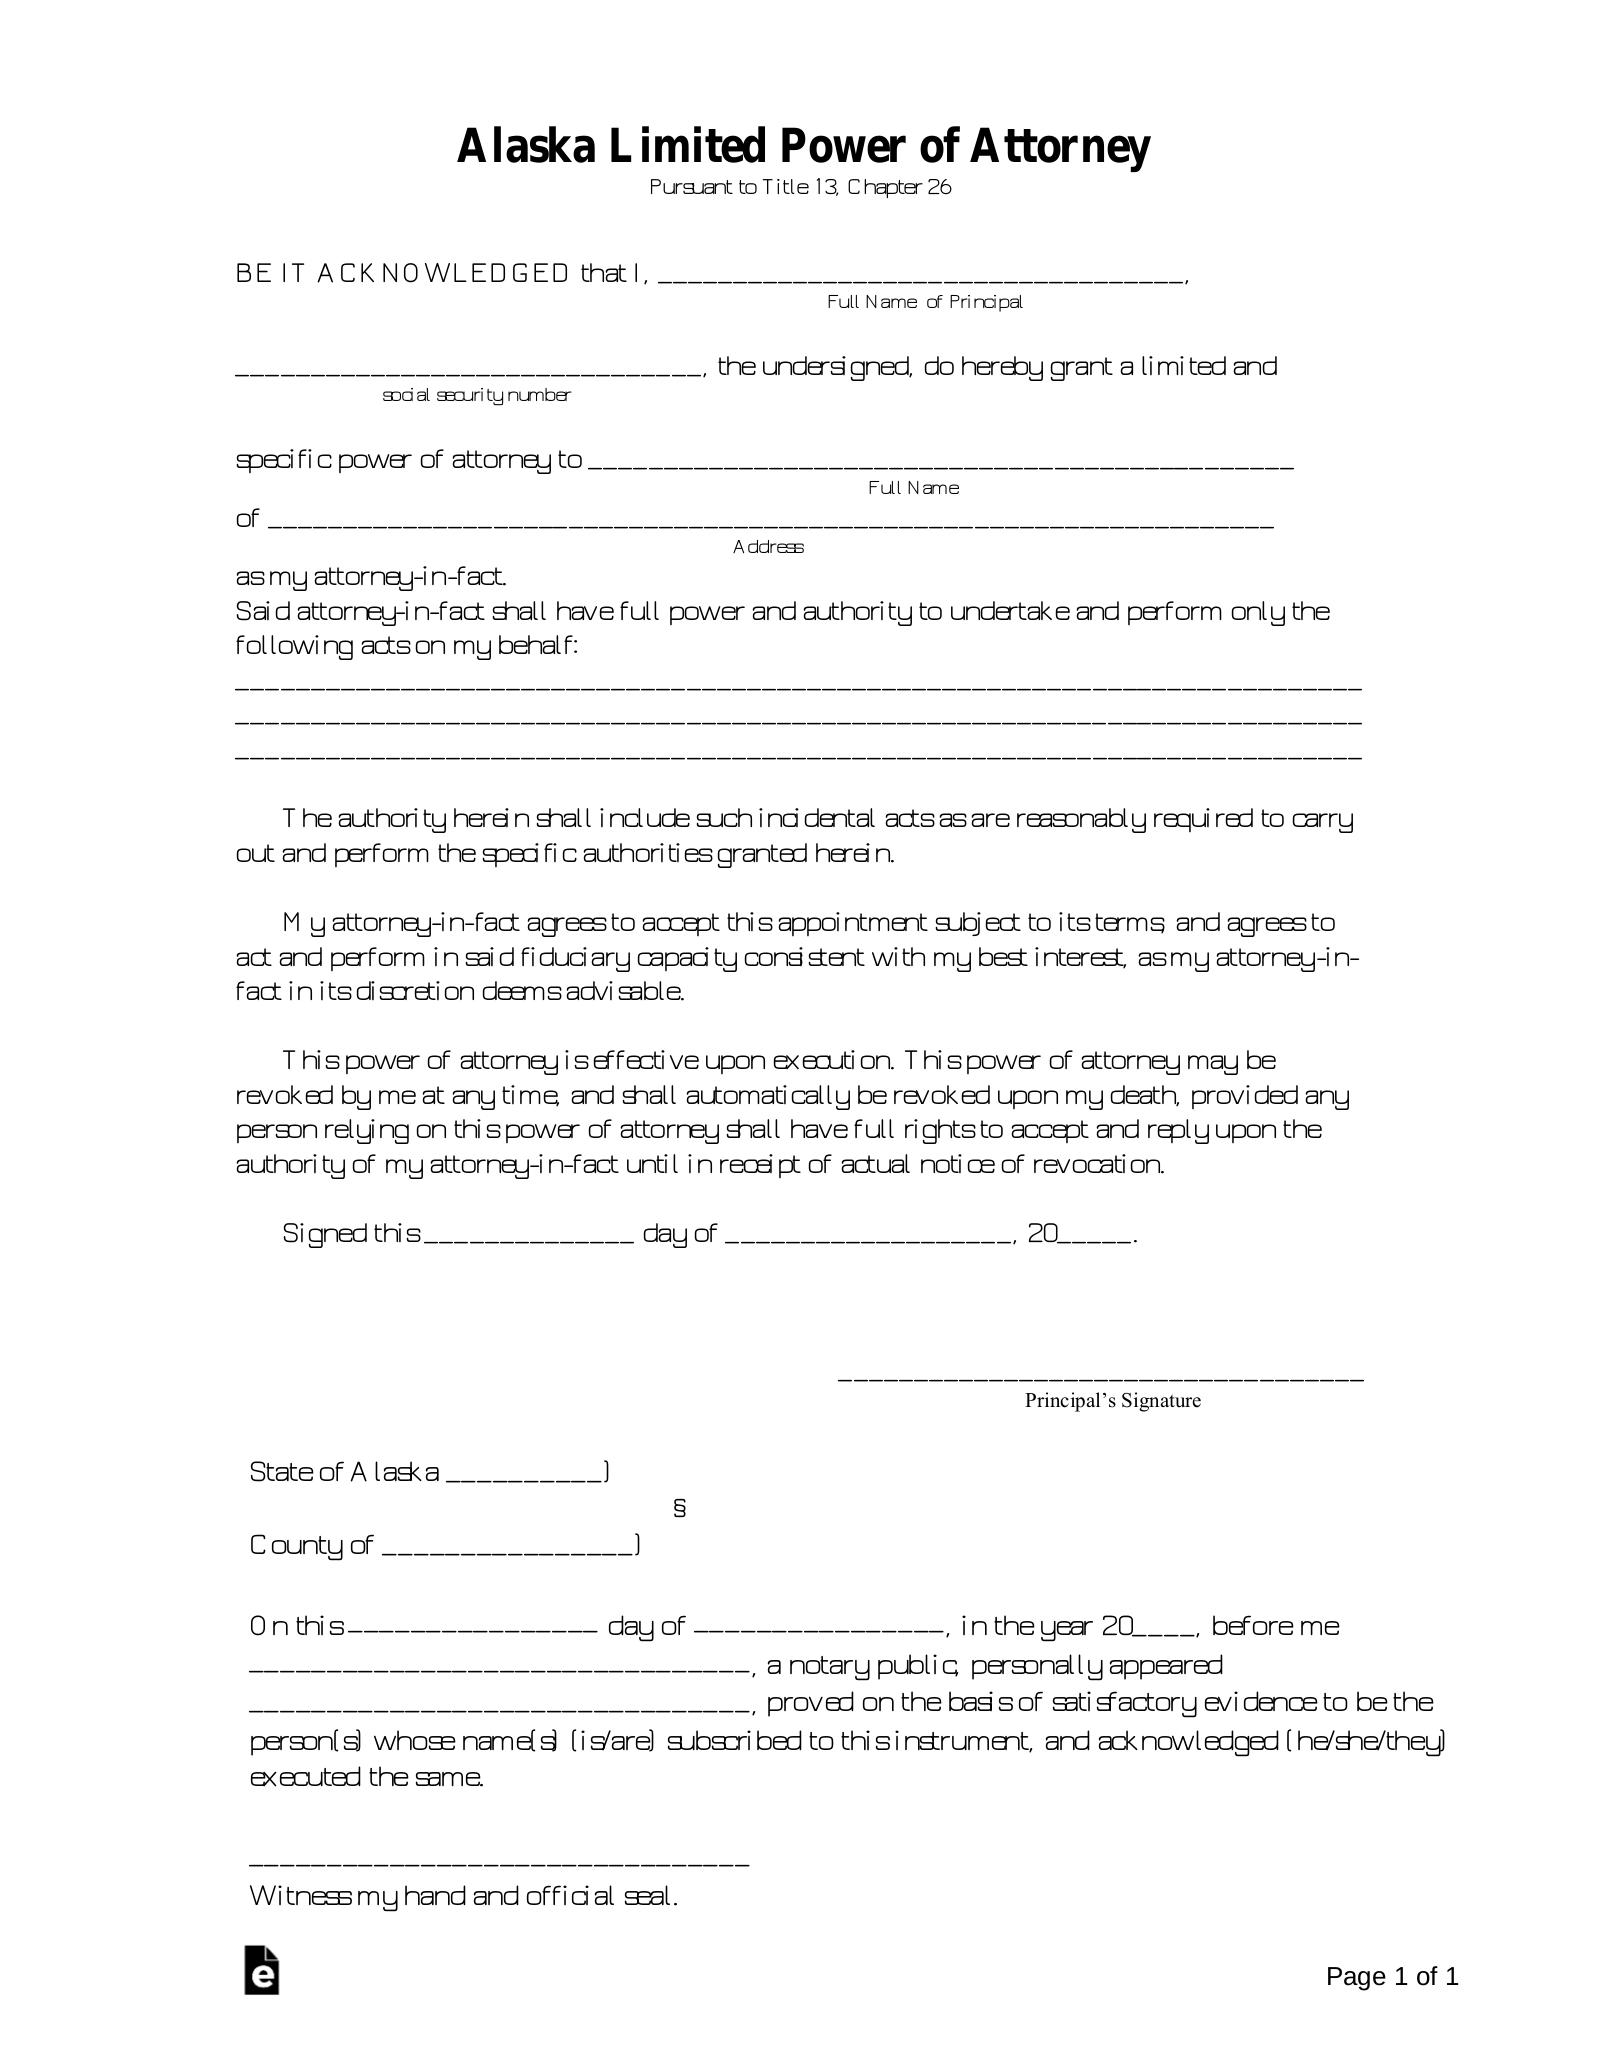 power of attorney form alaska  Free Alaska Limited Power of Attorney Form - PDF | Word ...